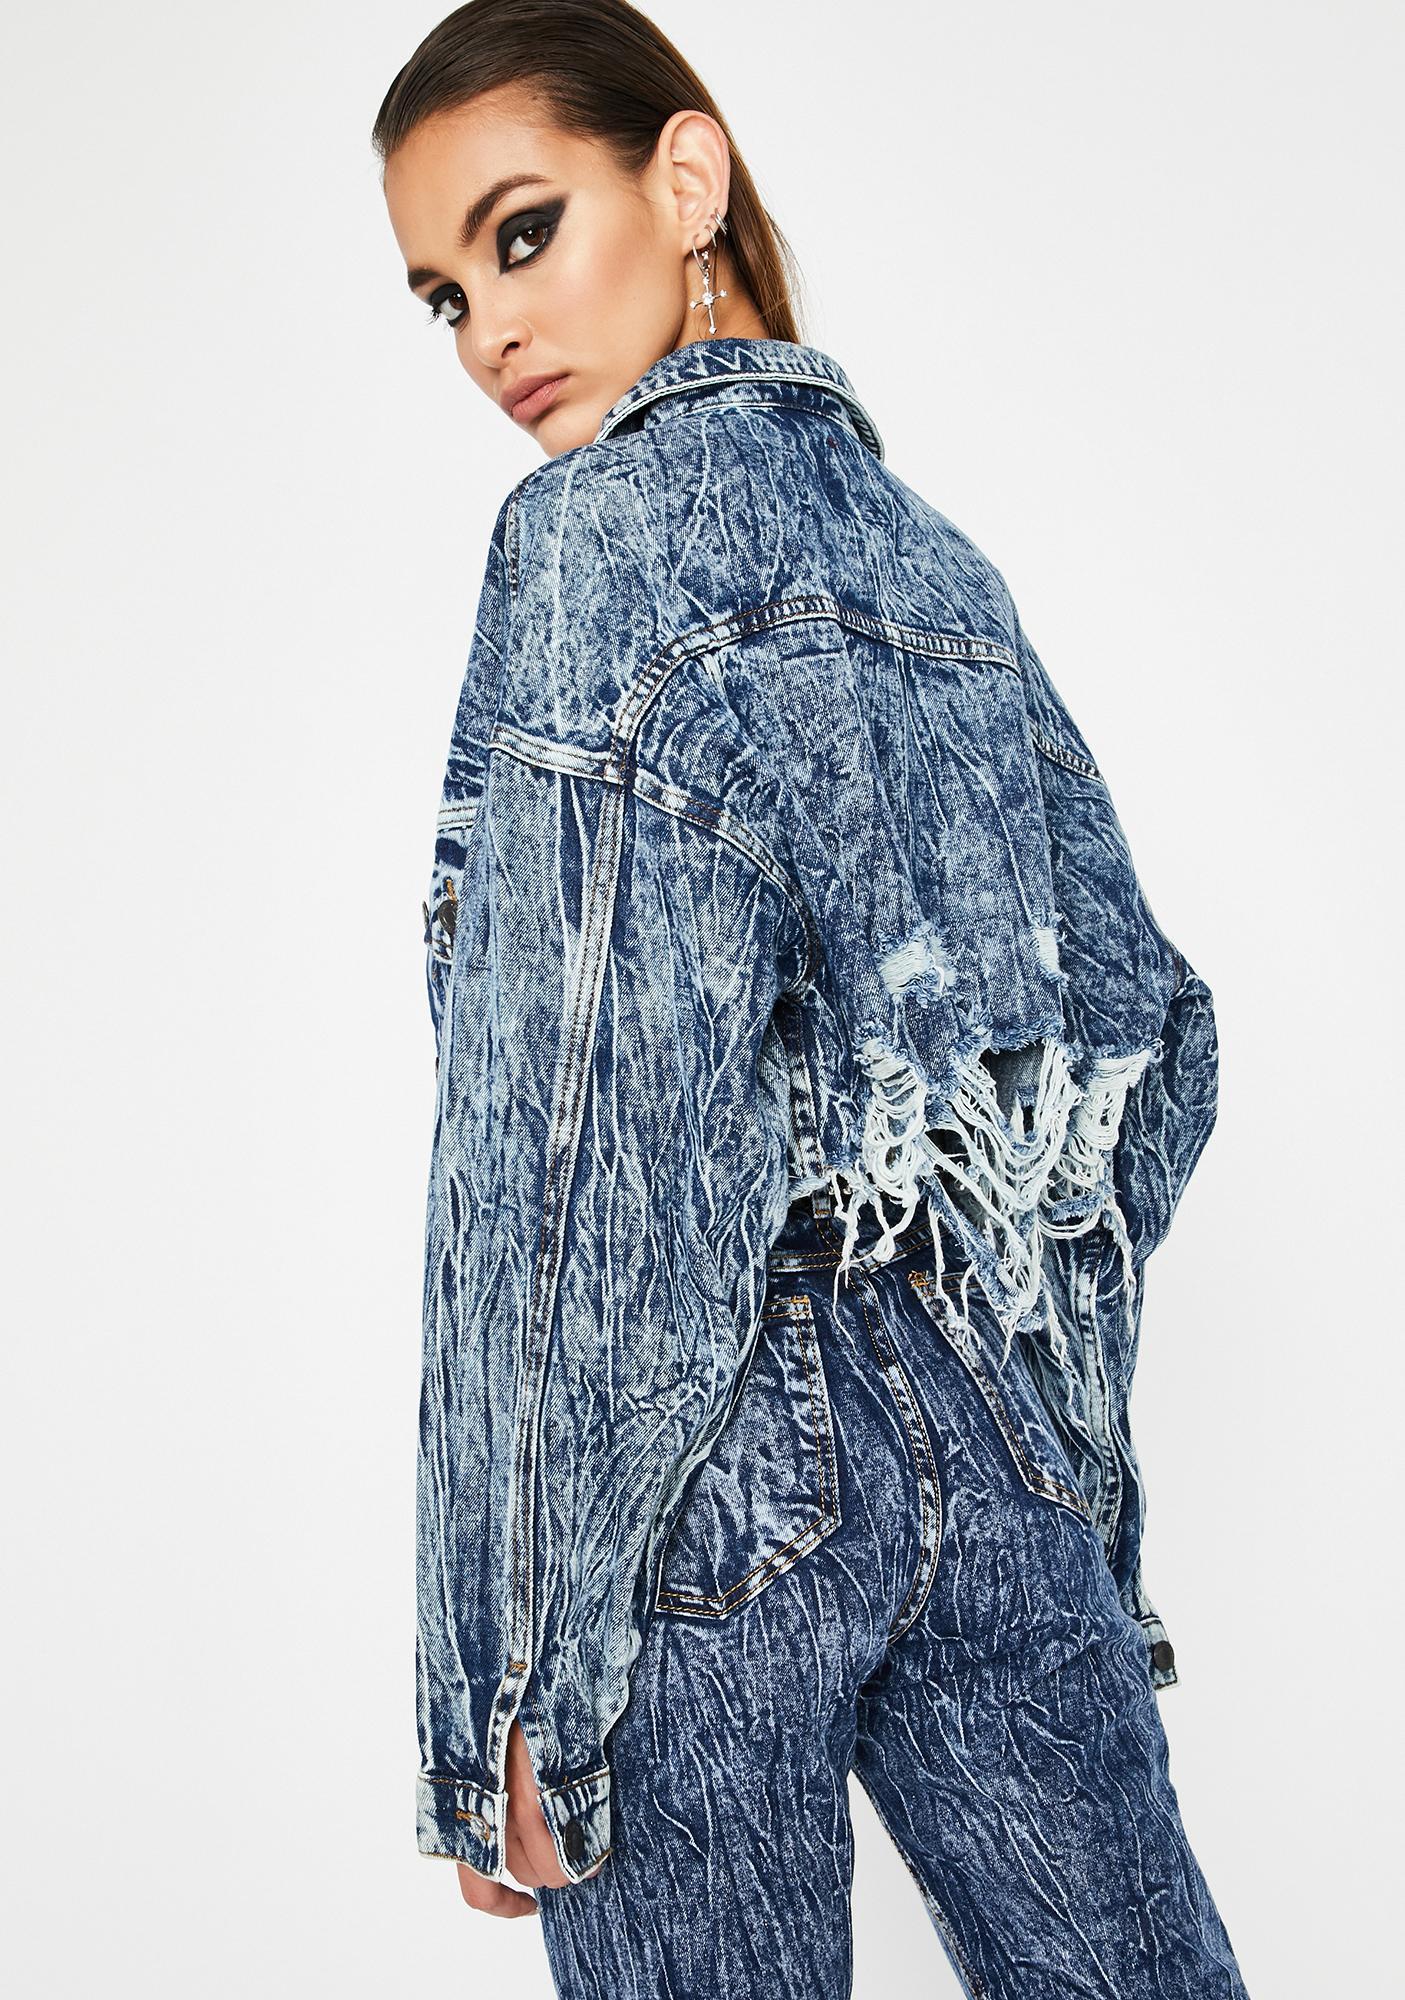 Maxxxed Out Denim Jacket